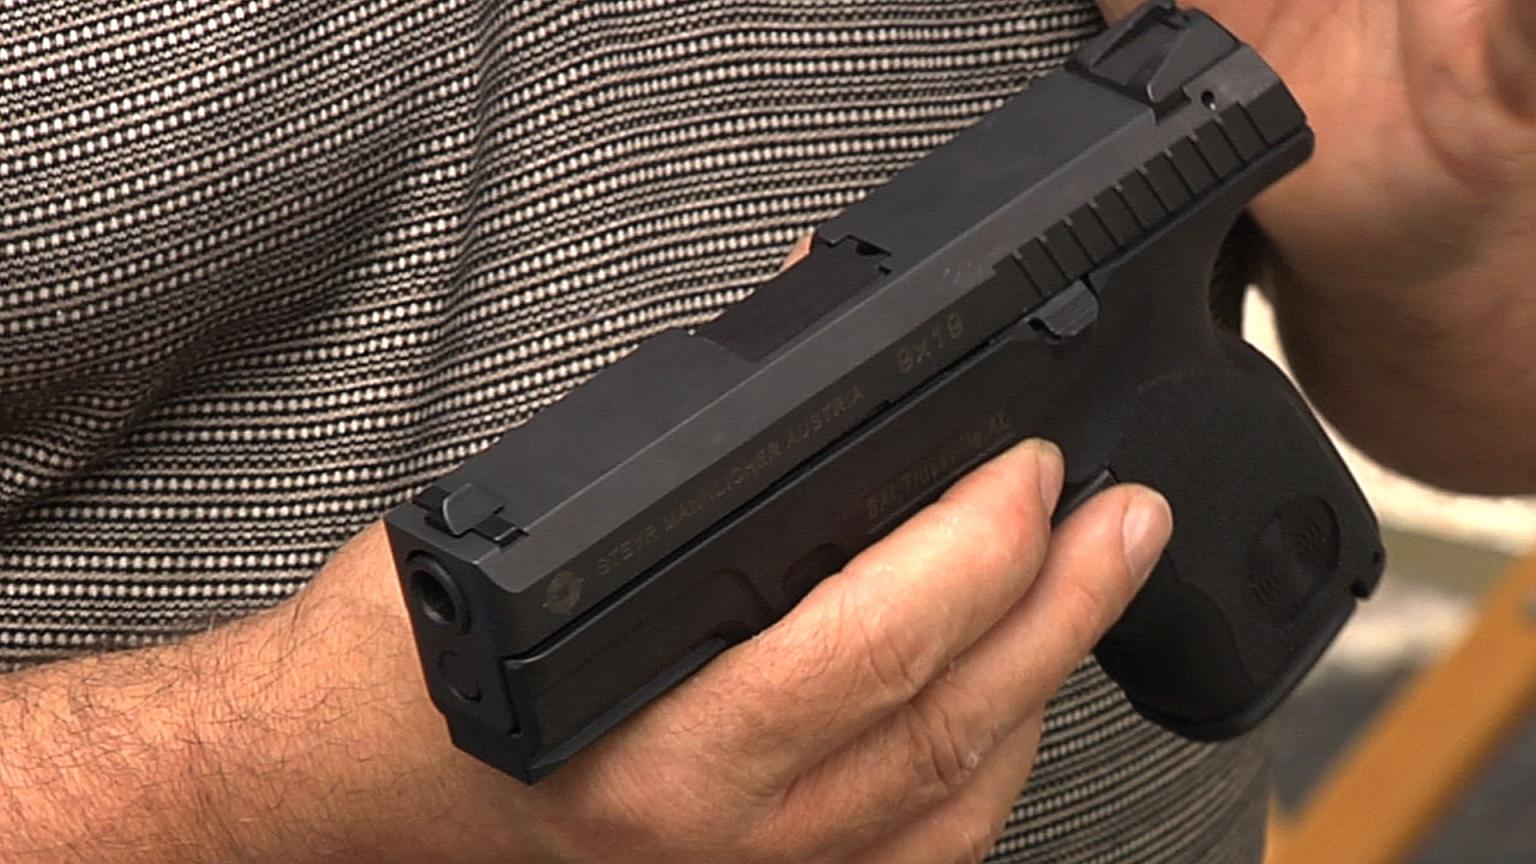 Firearms Training to Learn How to Break in a Handgun